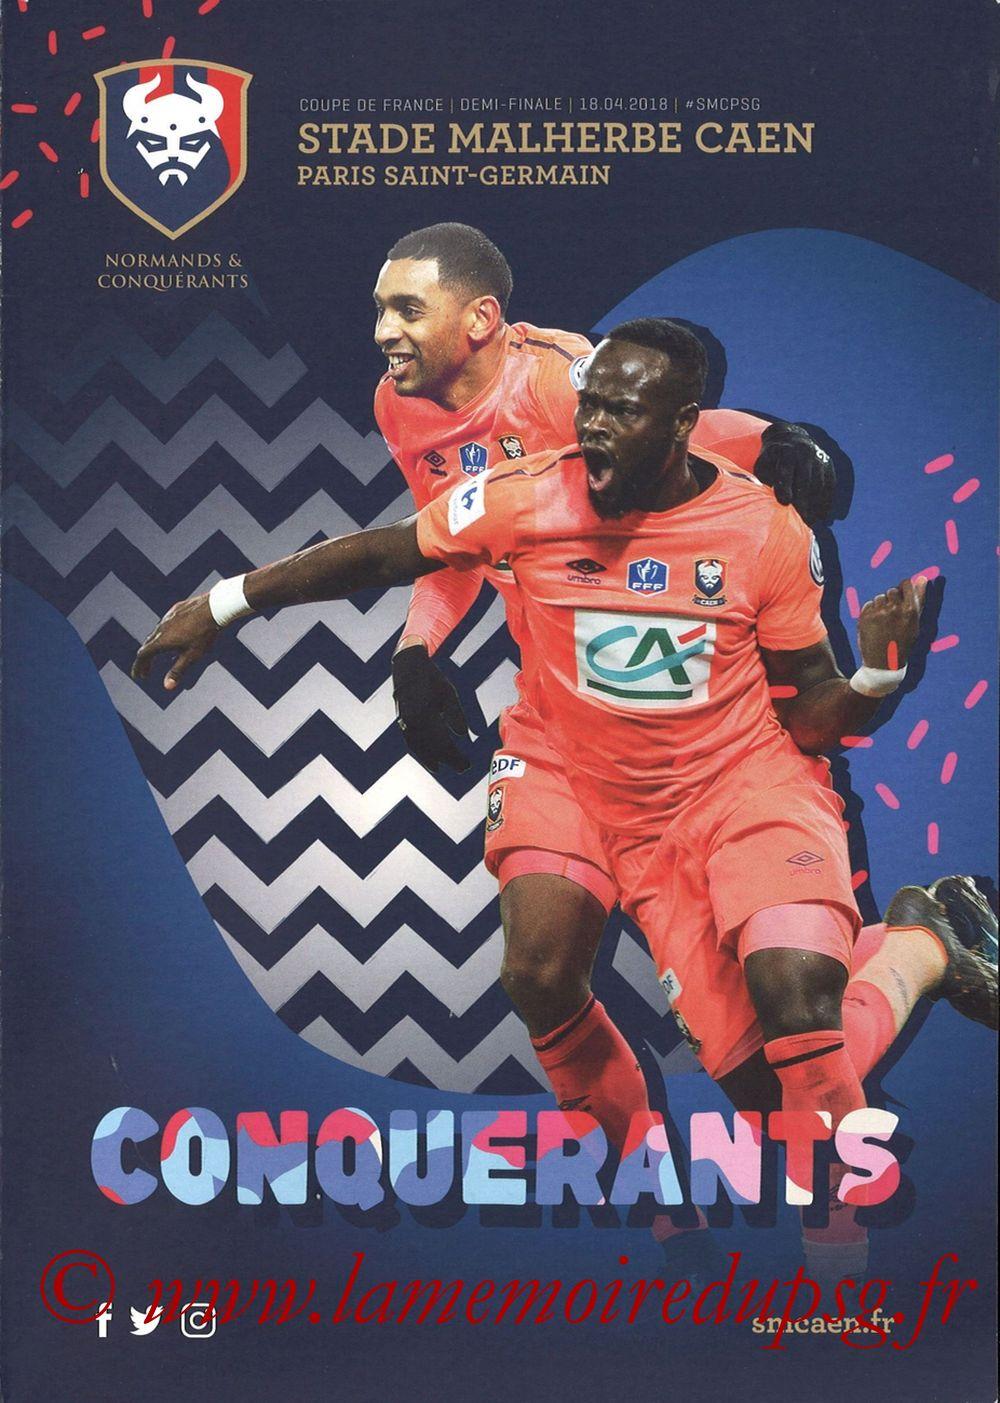 2018-04-18  Caen-PSG (Demi Finale CF, Programme officiel)